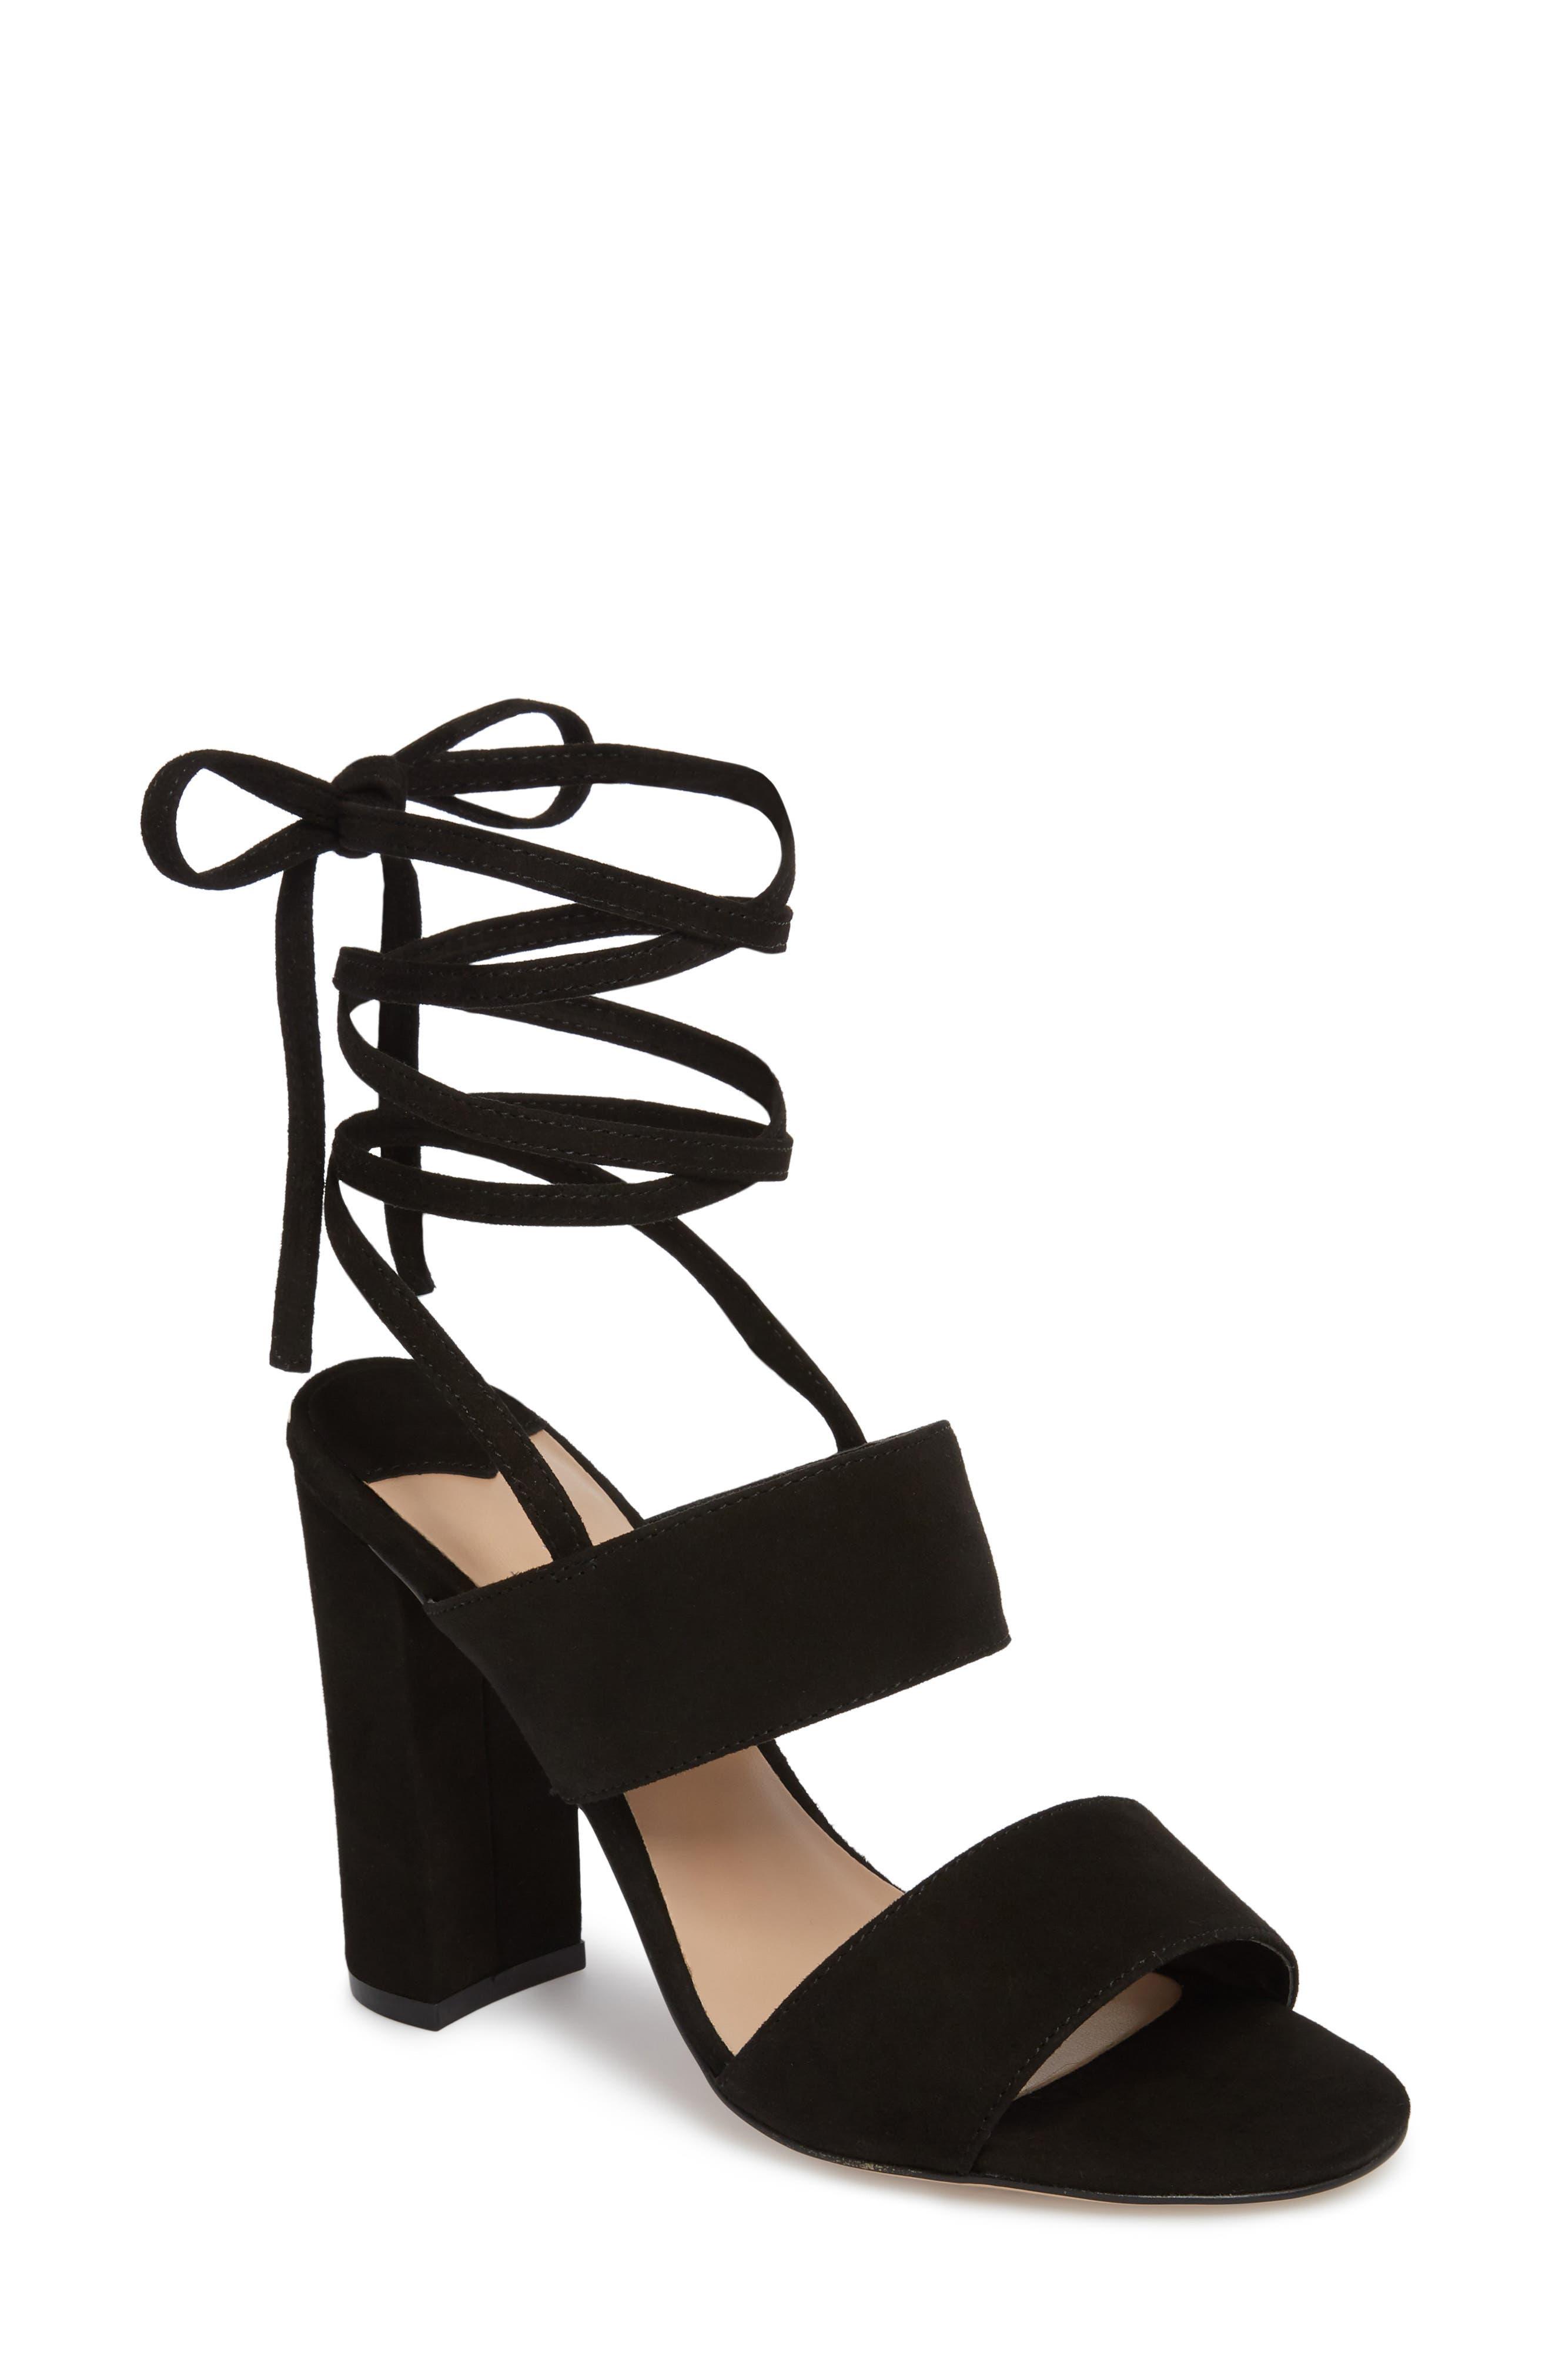 Kiko Ankle Tie Sandal,                             Main thumbnail 1, color,                             Black Suede